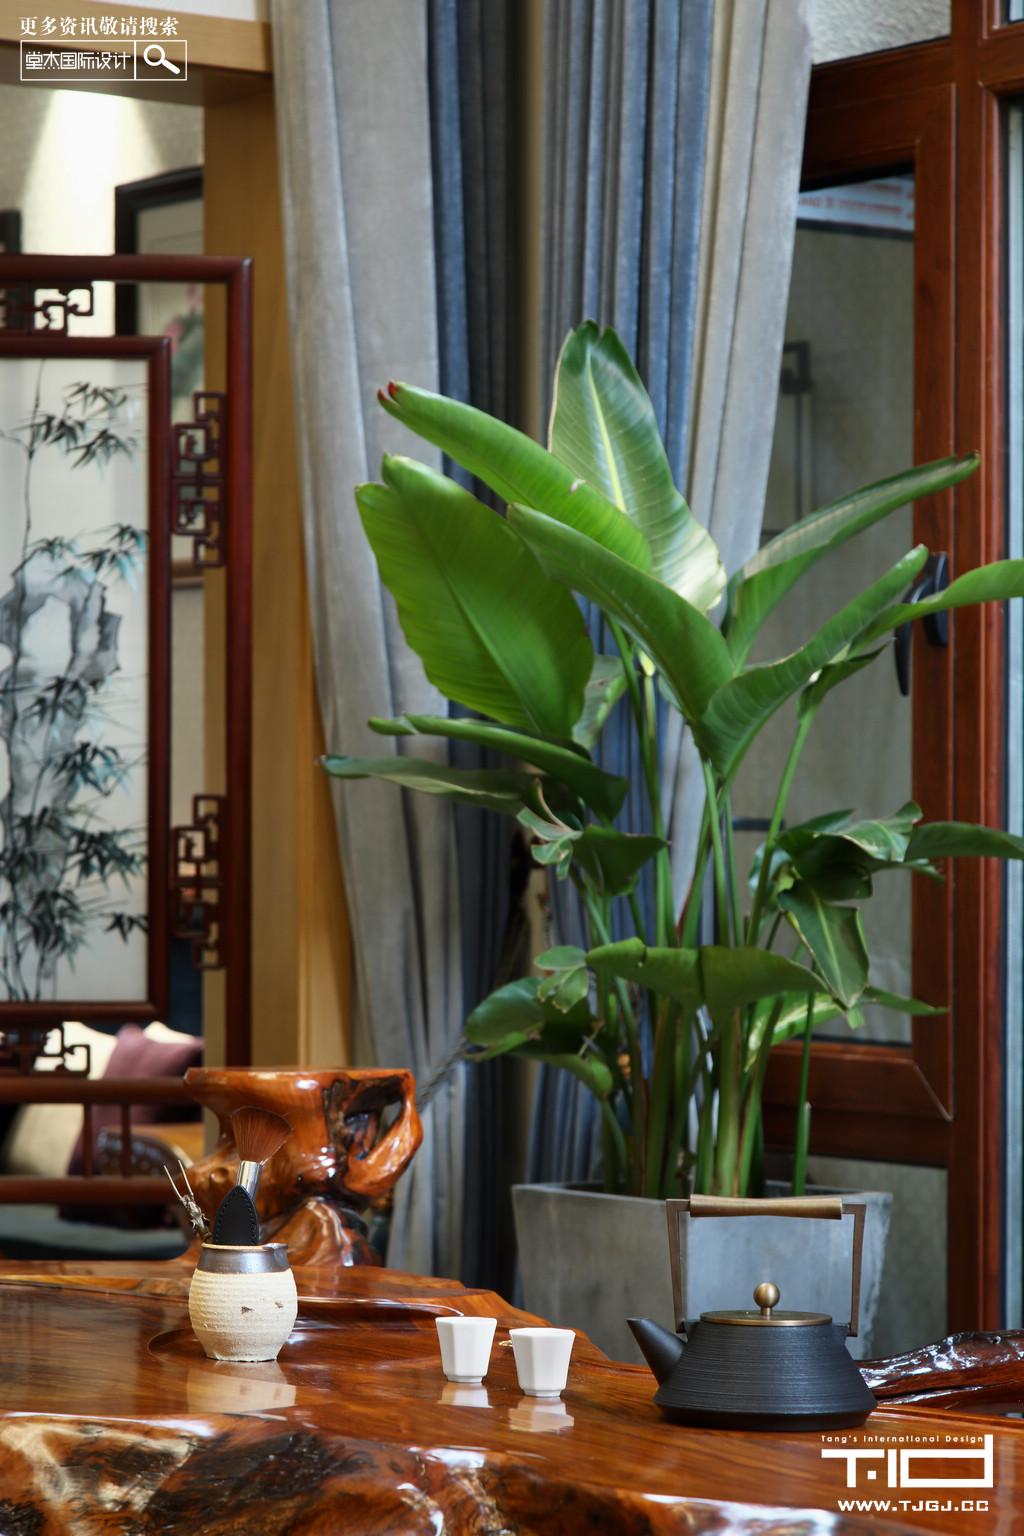 新谷仙林翠谷-新中式-独栋别墅 装修图片